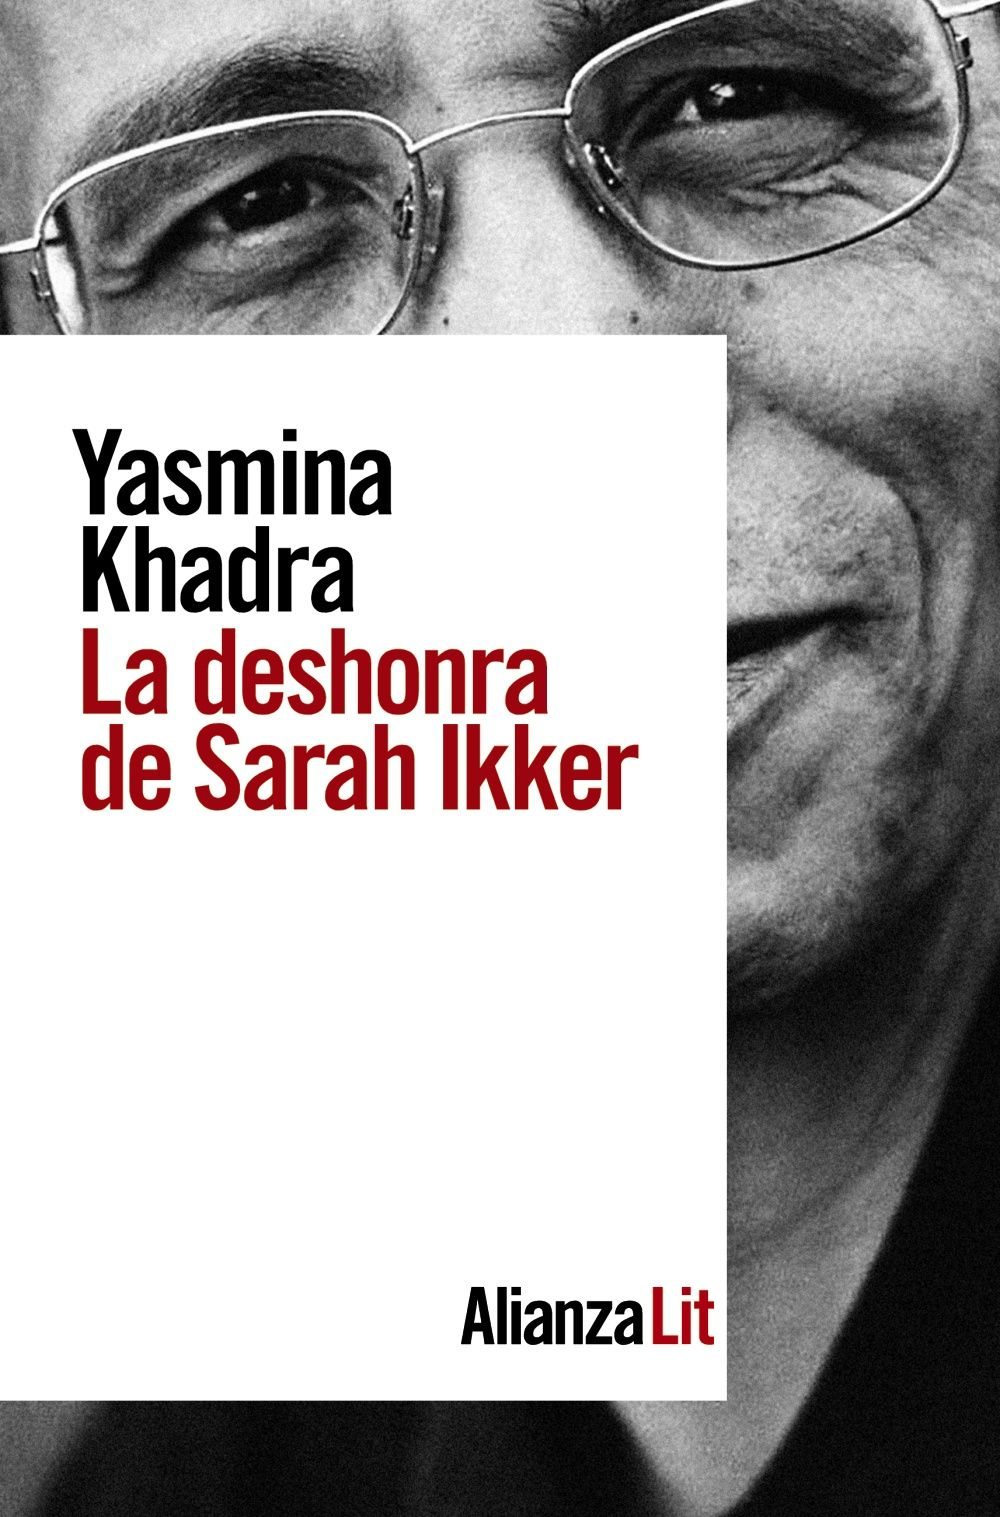 DESHONRA DE SARAH IKKER LA